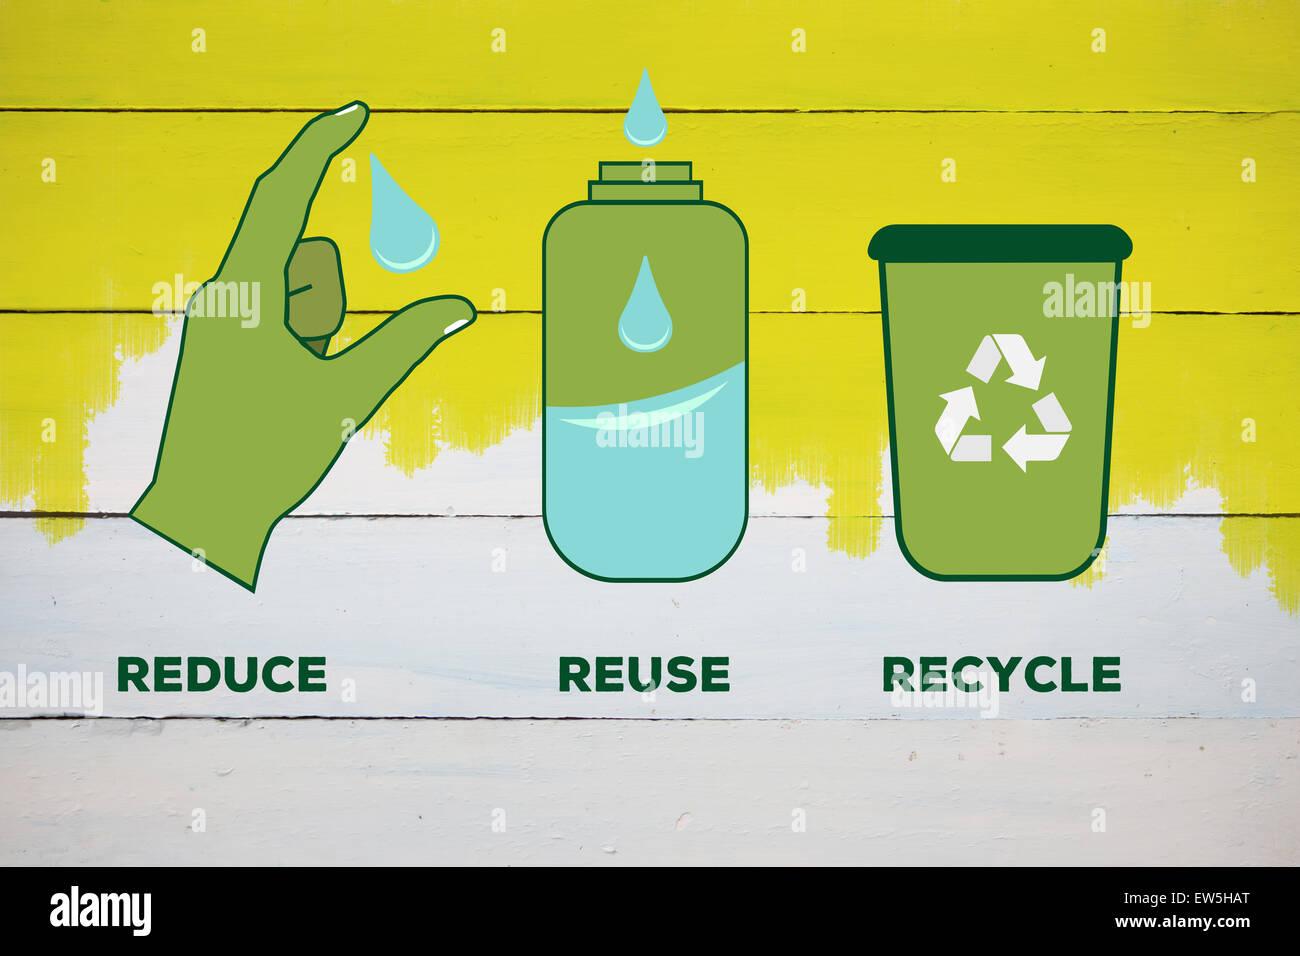 Immagine composita di ridurre riutilizzare riciclare Immagini Stock